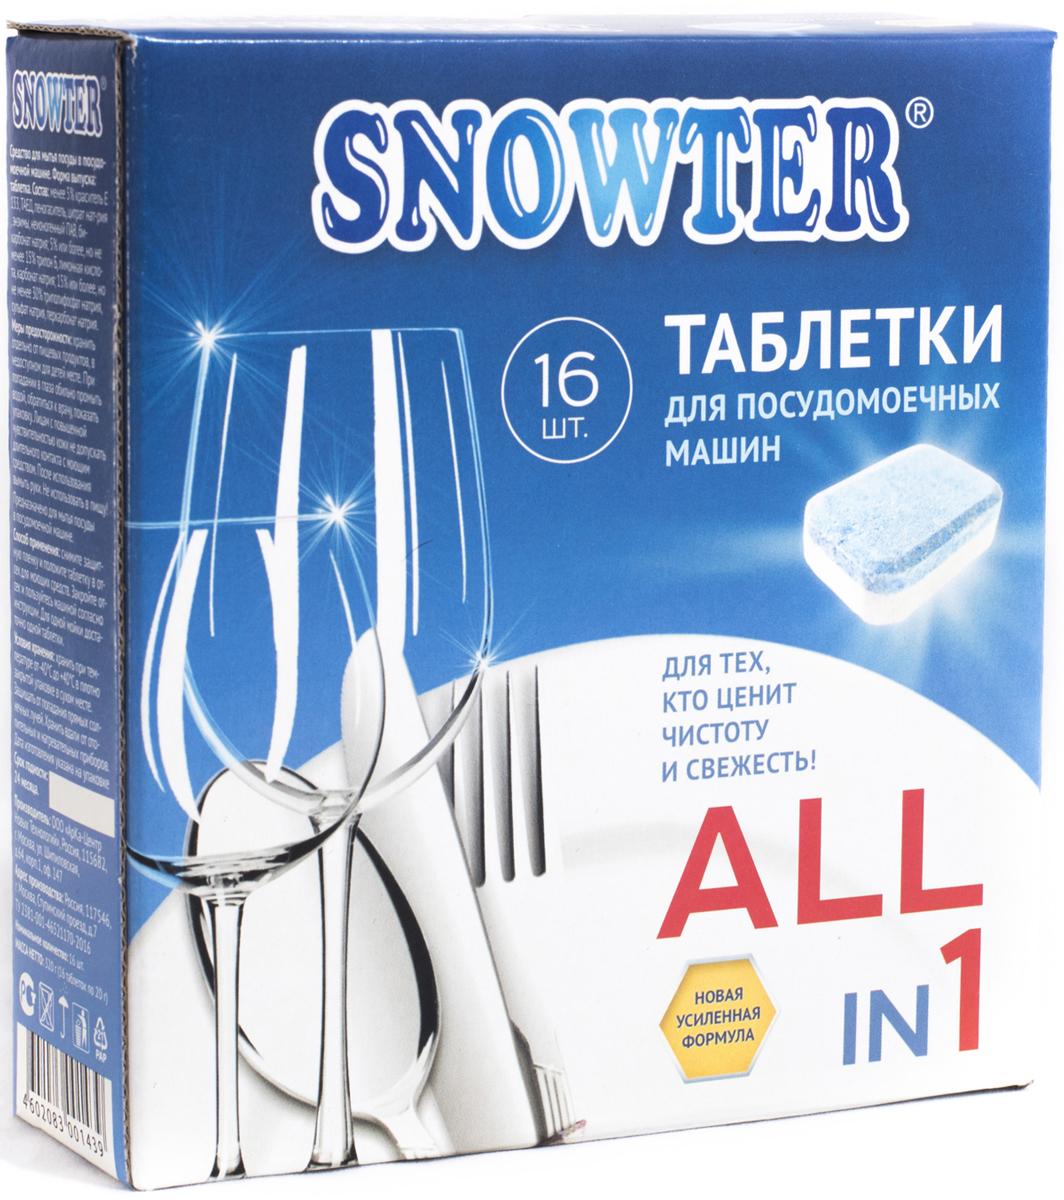 Таблетки для посудомоечных машин Snowter 5 в 1, 16 шт x 20 г бытовая химия snowter таблетки для посудомоечных машин 16 х 20 г